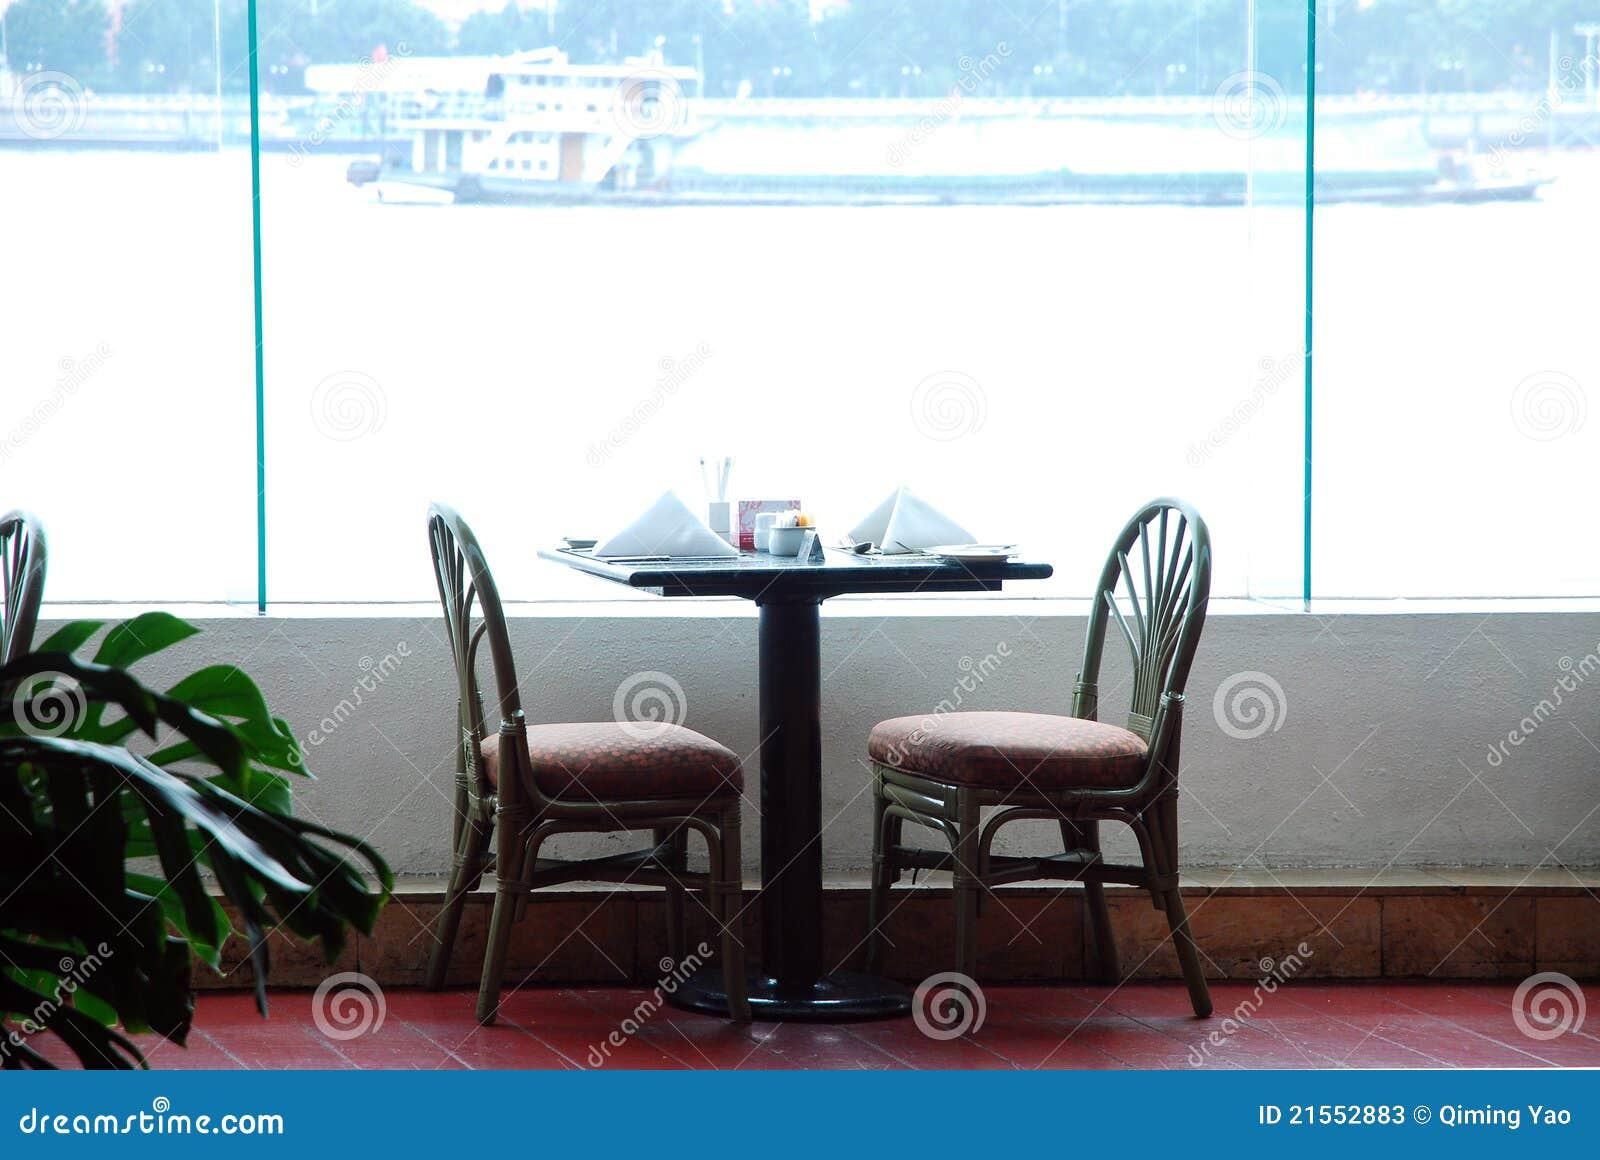 Tabela no restaurante